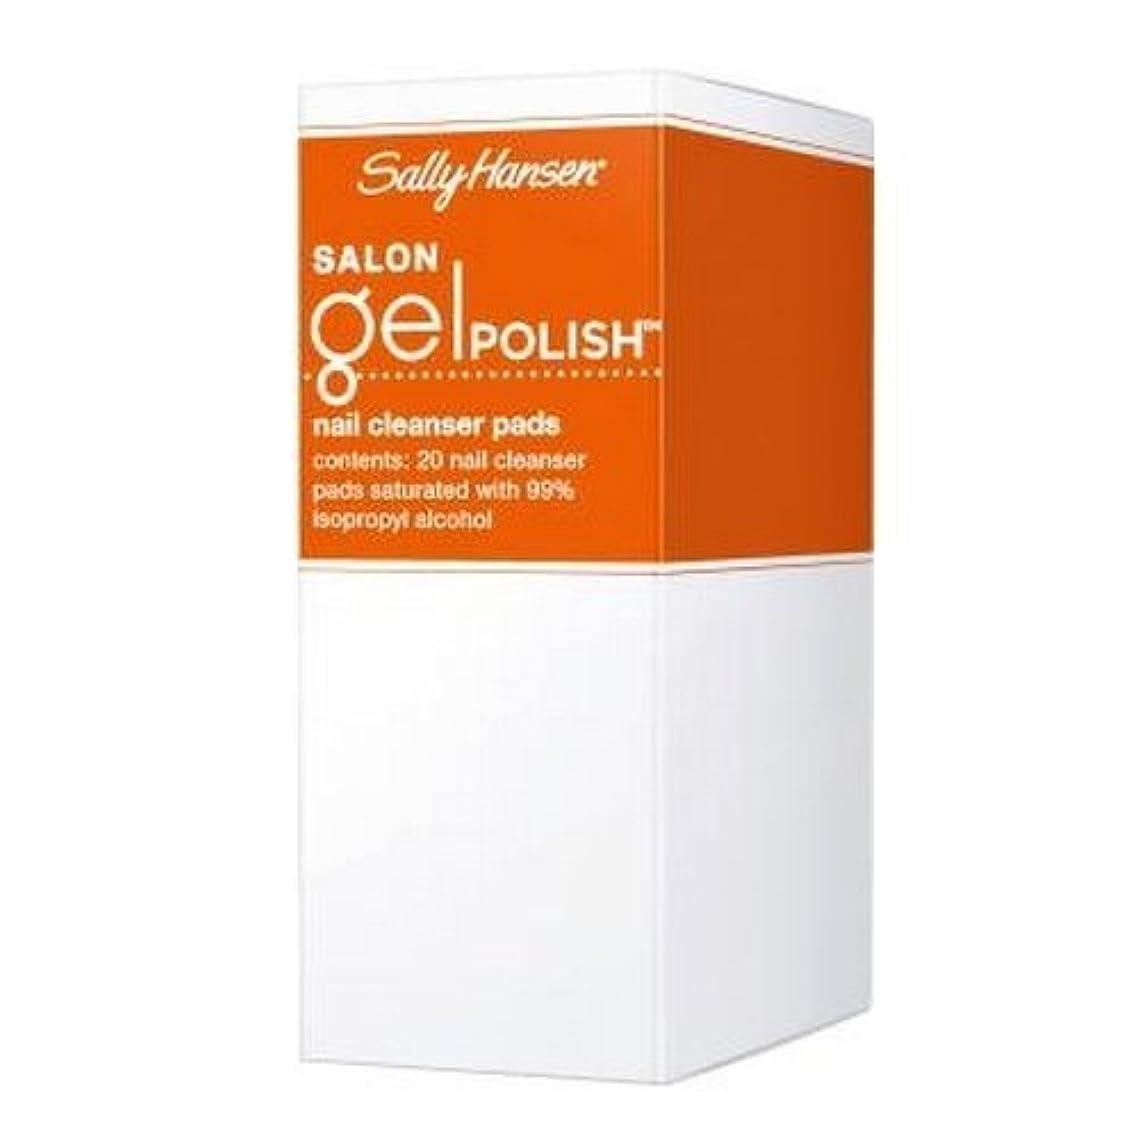 関与するまで雪の(3 Pack) SALLY HANSEN Salon Gel Polish Nail Cleanser Pads - Gel Polish Cleanser Pads (並行輸入品)